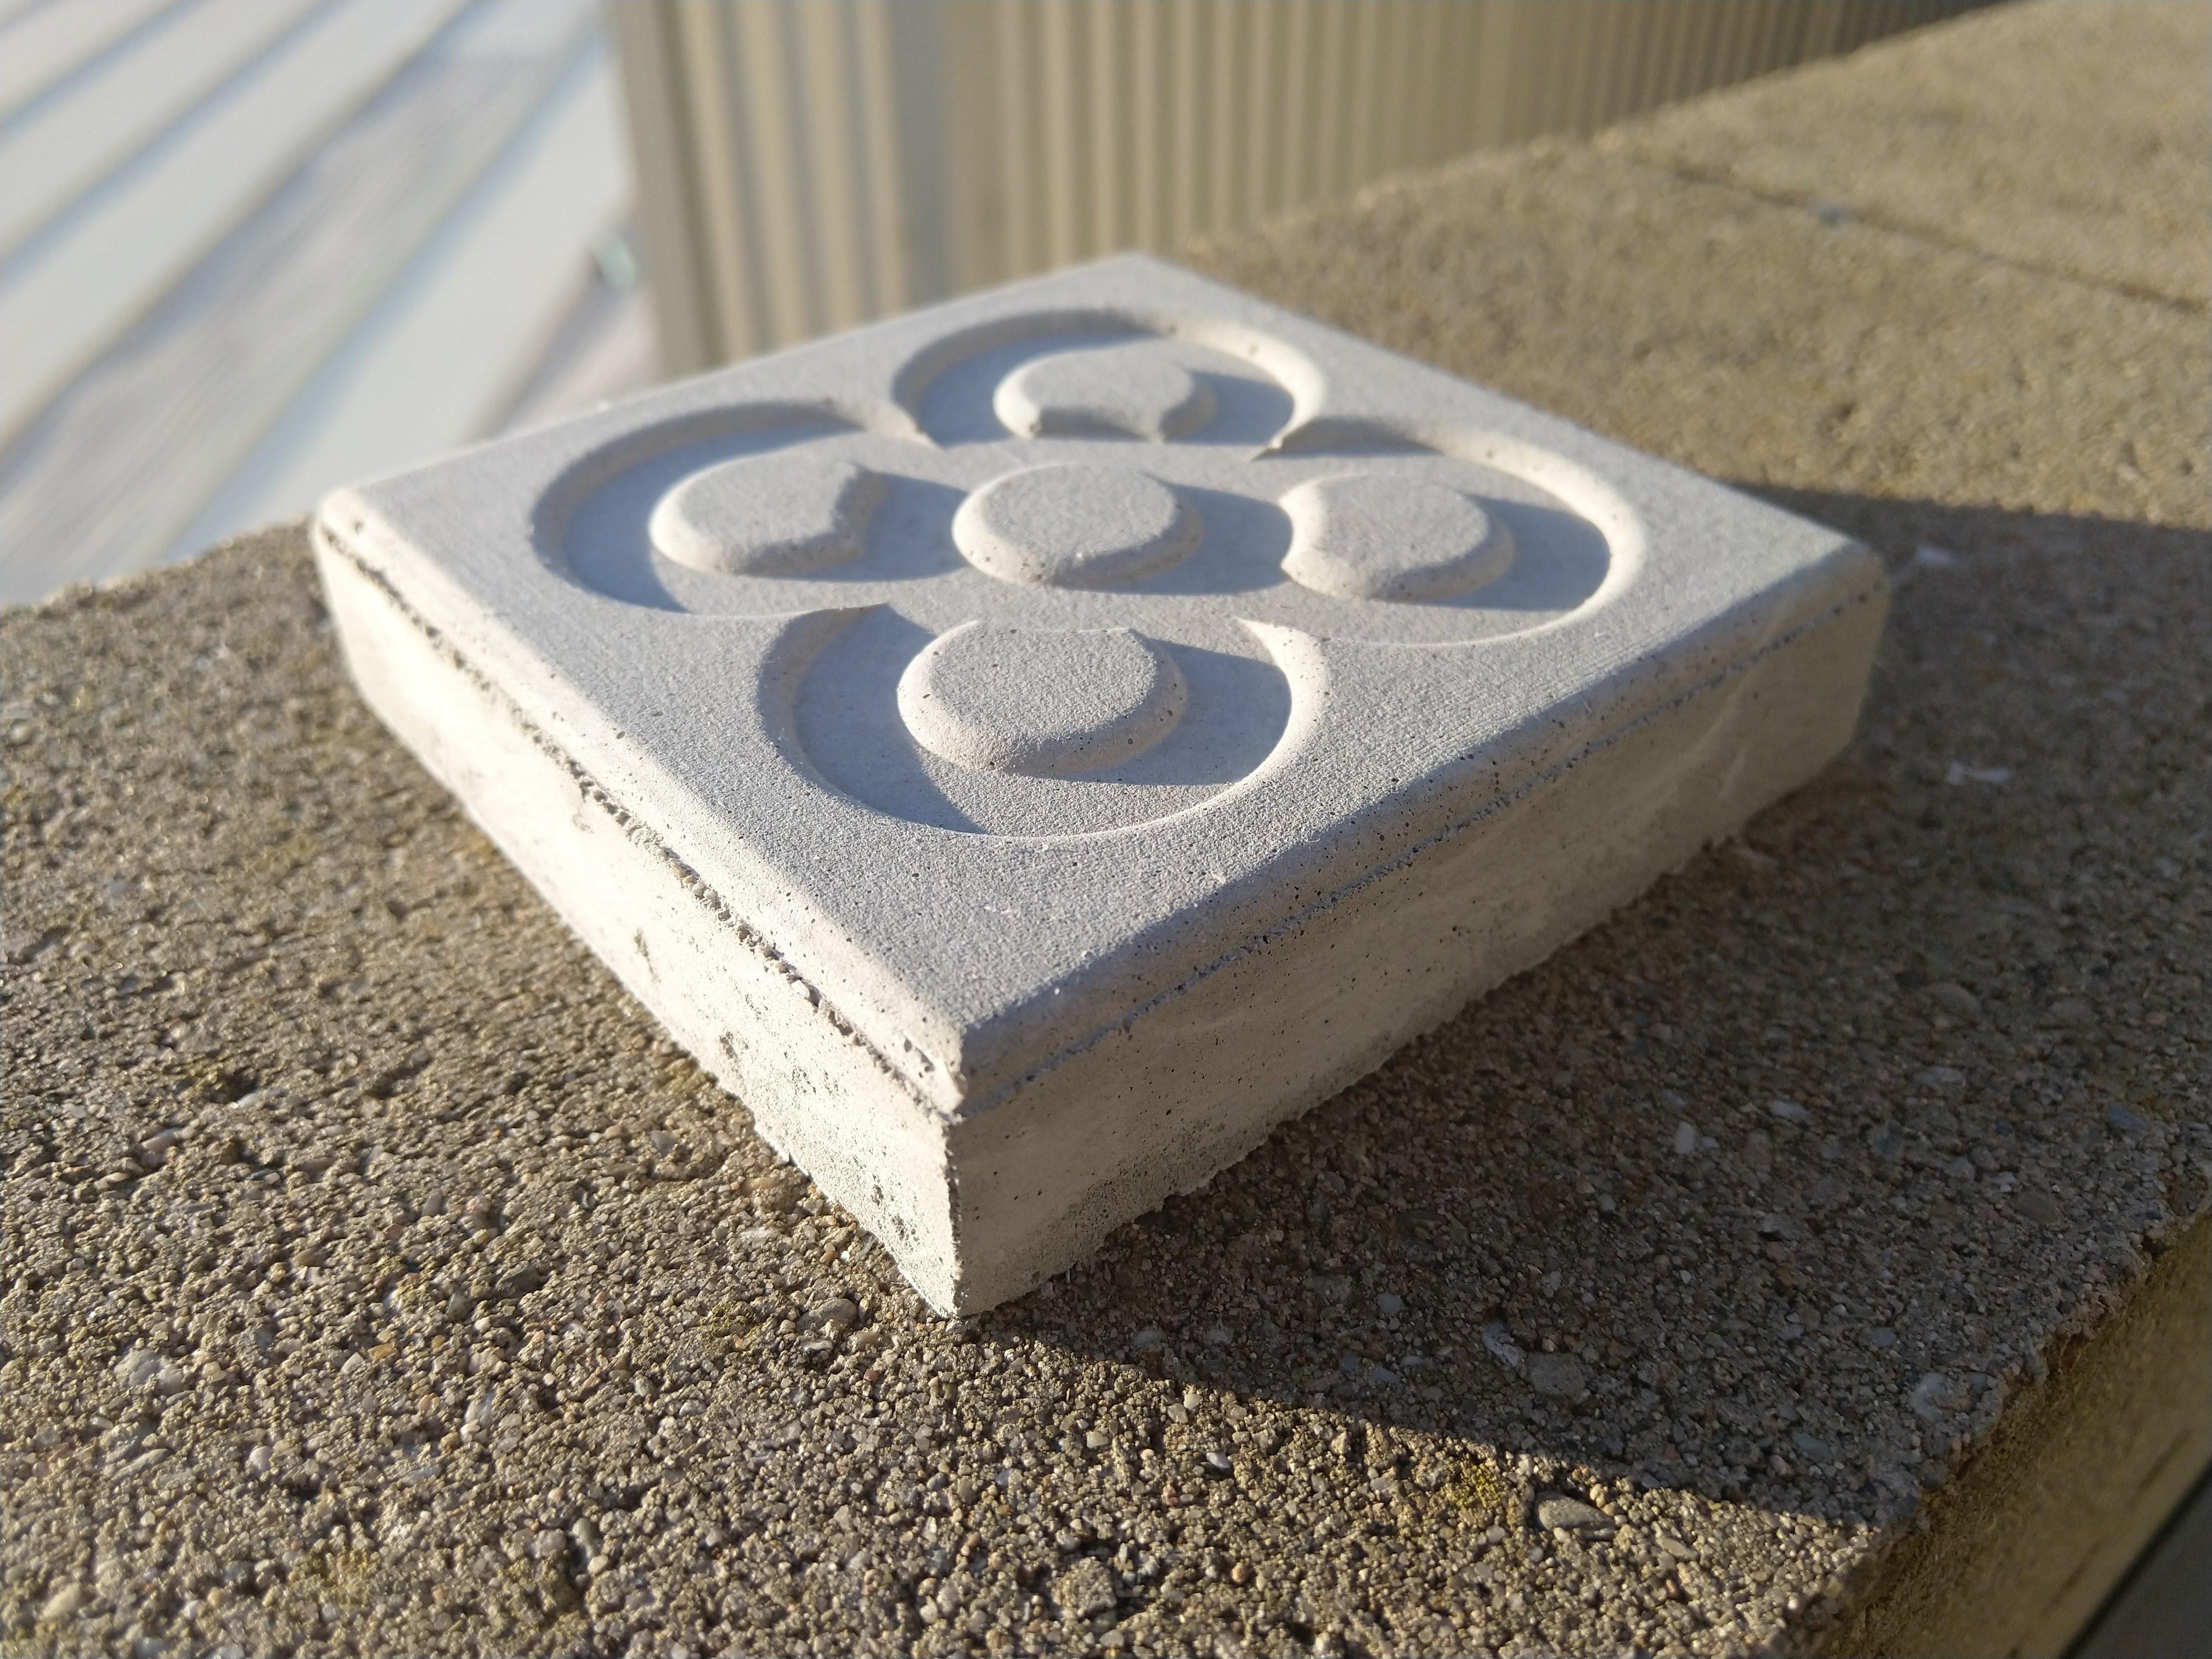 Project BCN ha sido testado con moldes con la típica baldosa de Barcelona, diseñada por Puig i Cadafalch.